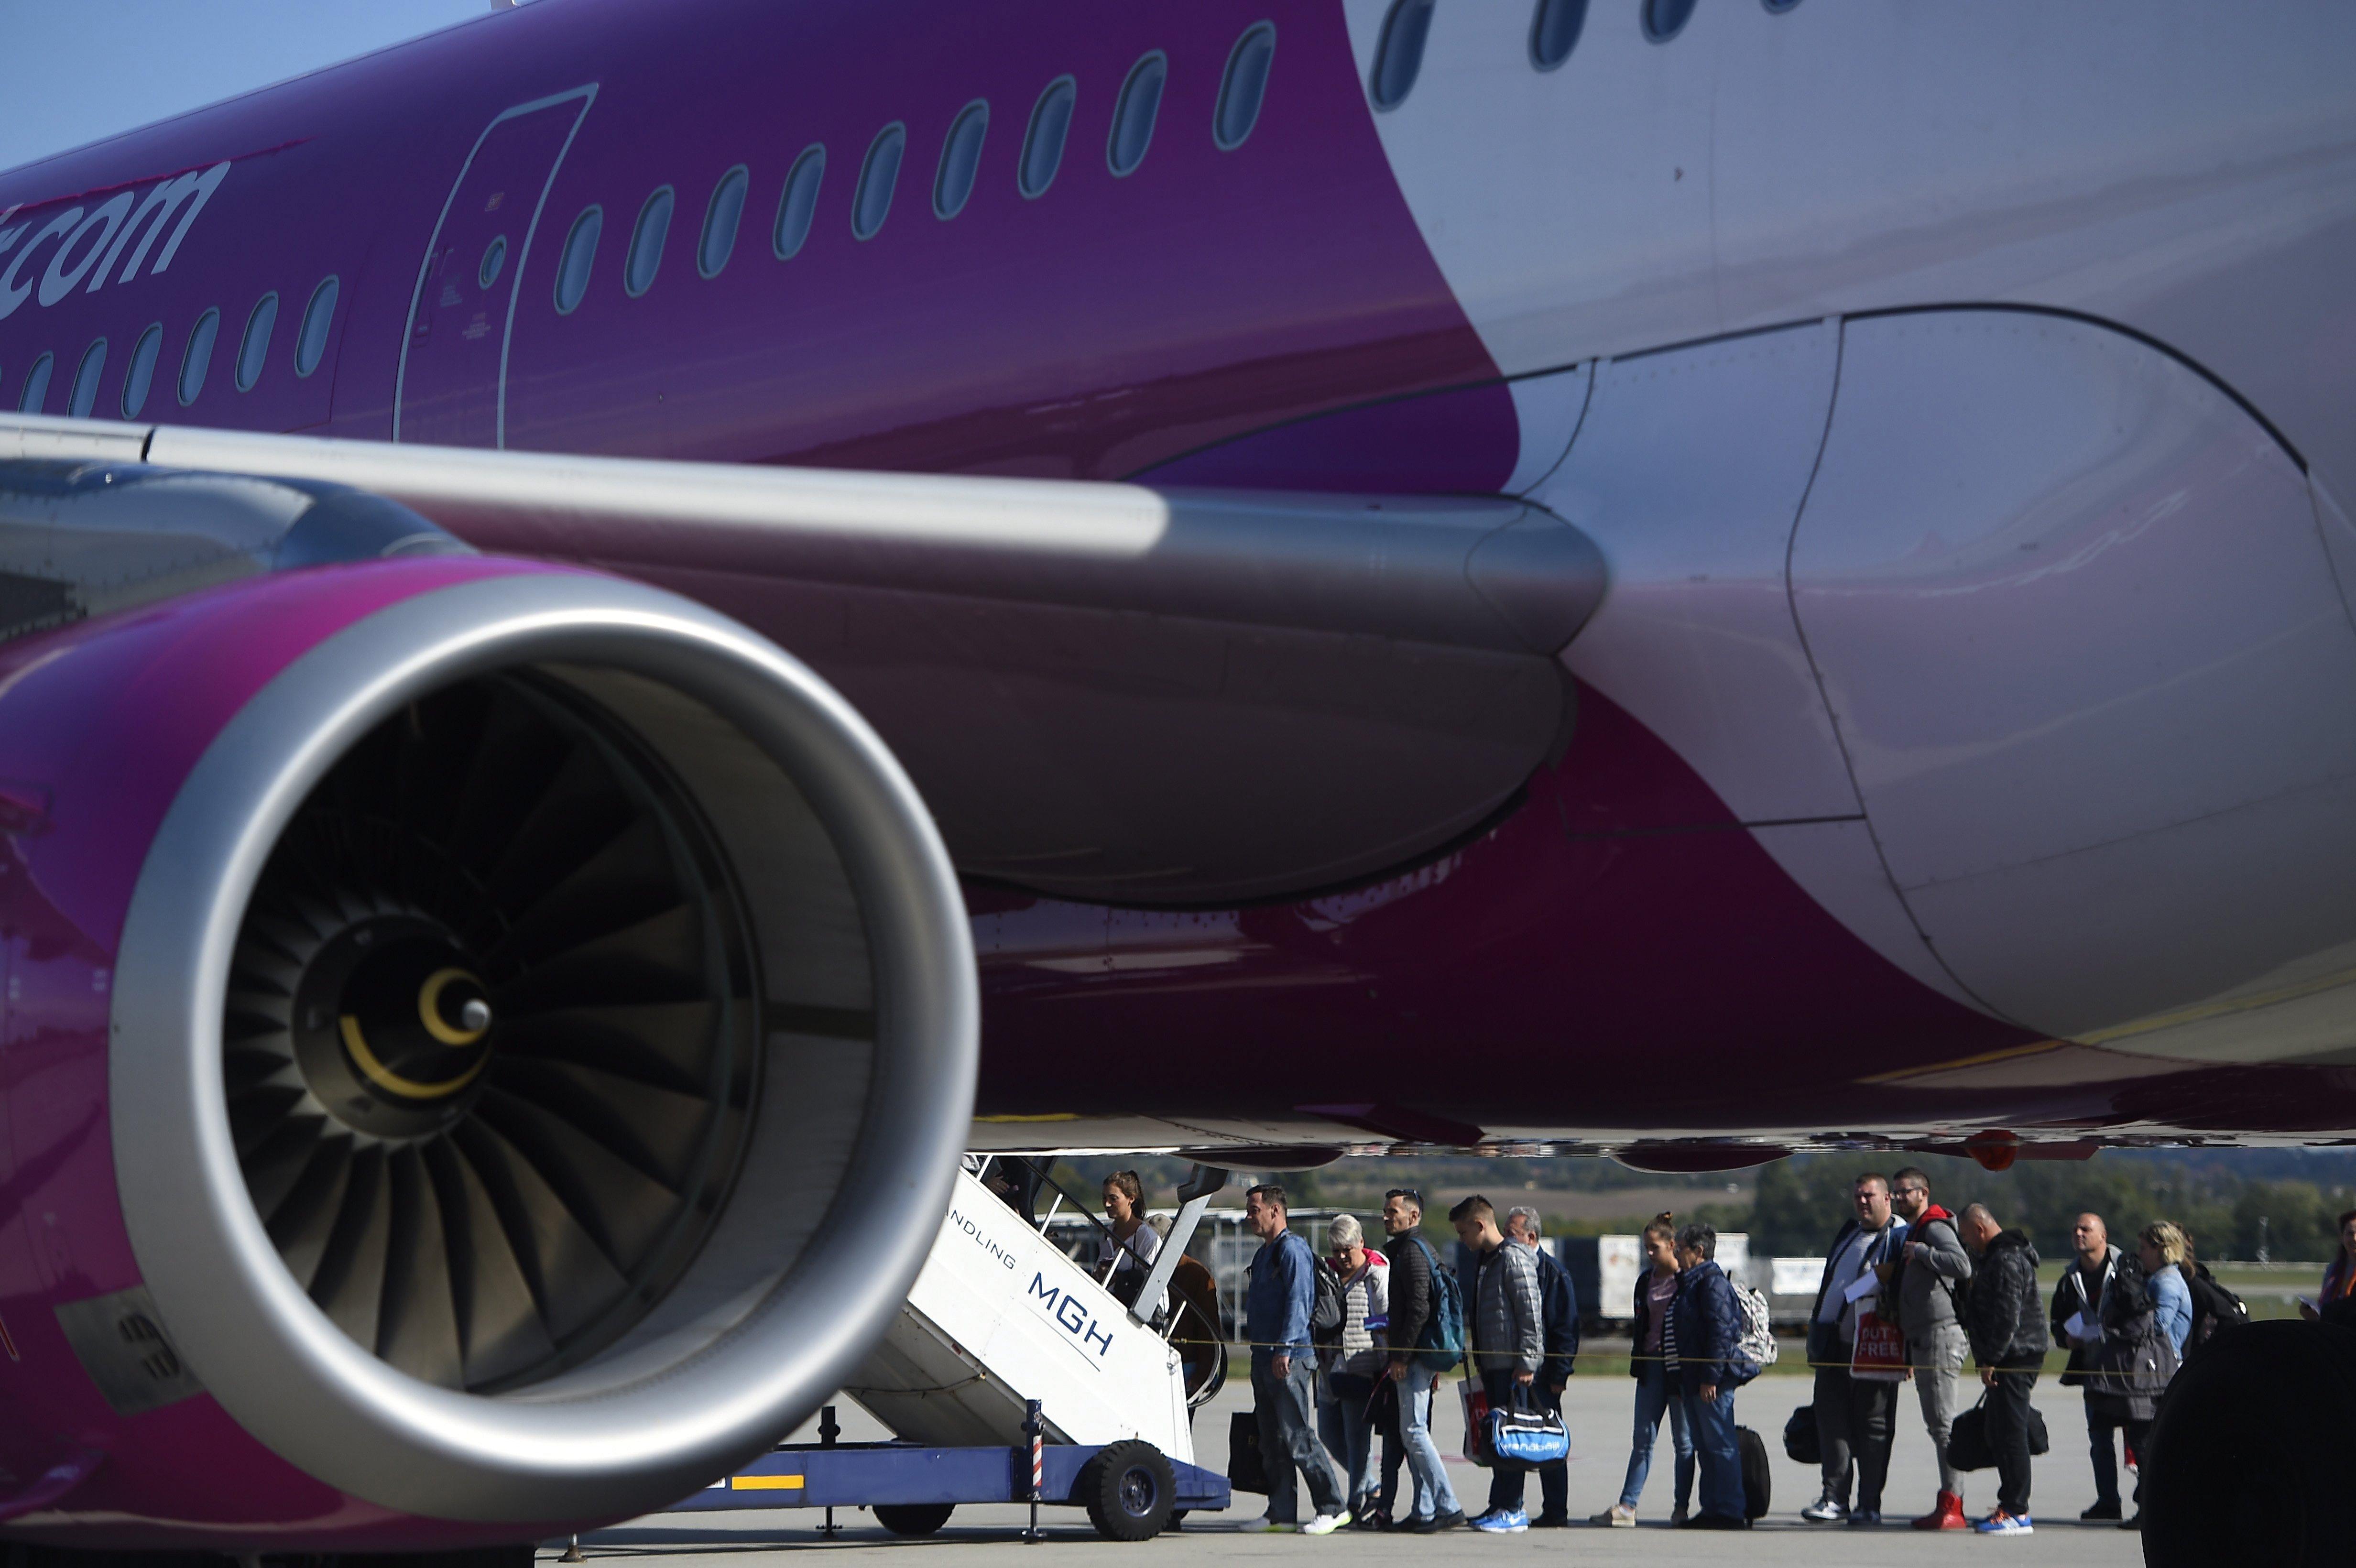 300 millió forintos fogyasztóvédelmi bírságot kapott a Wizz Air